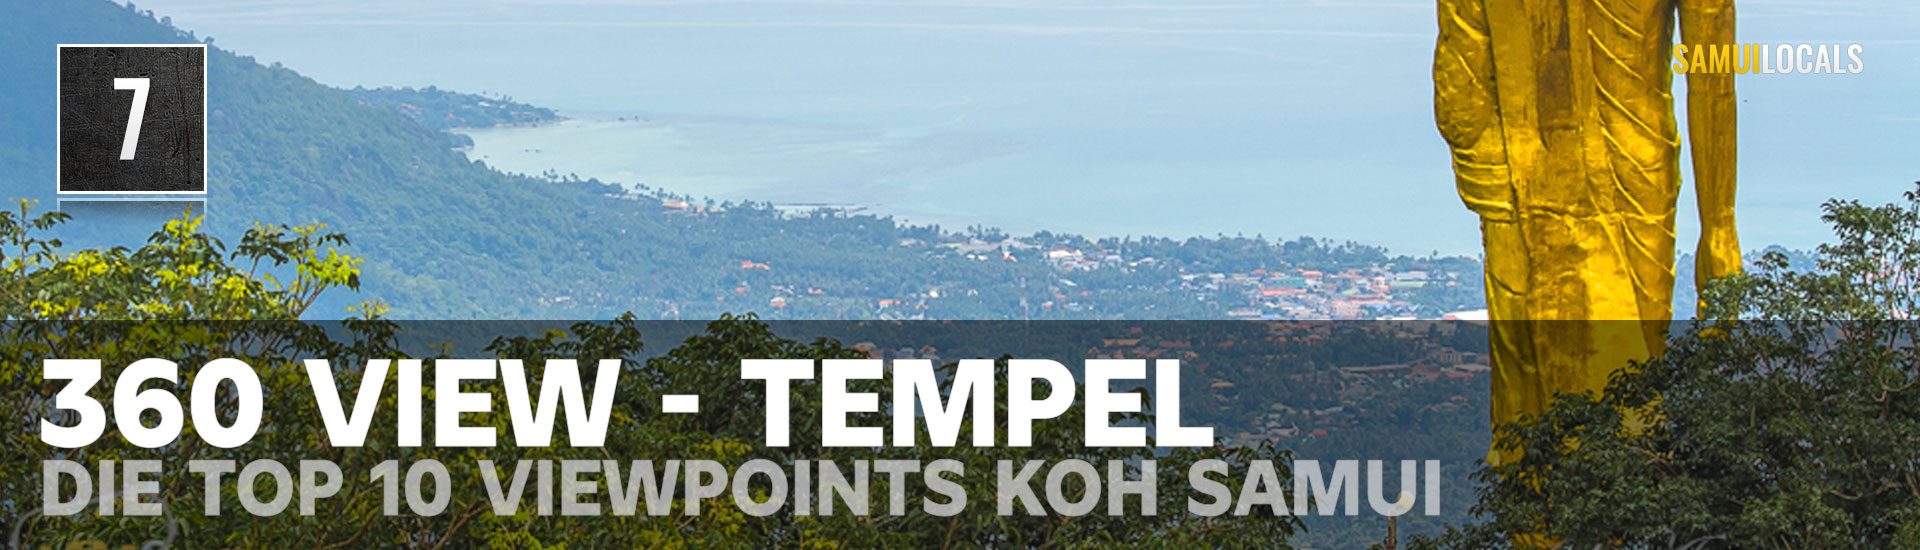 viewpoint_koh_samui_360_view_tempel